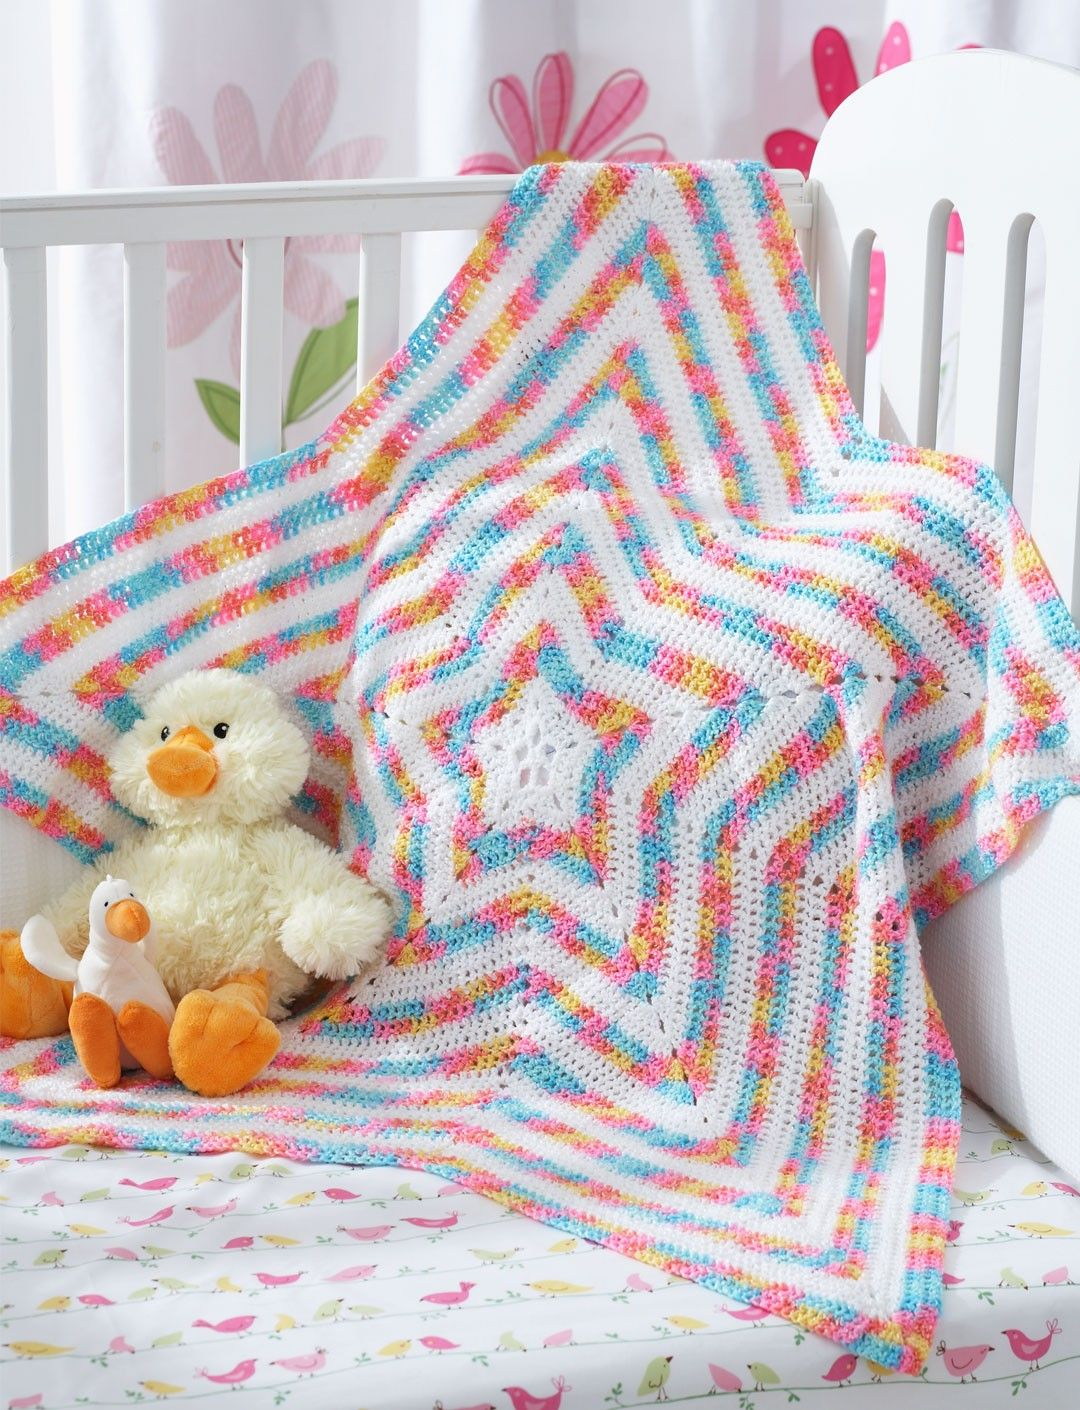 Free crochet pattern: Star Blanket by Yarnspirations | Crochet Motif ...